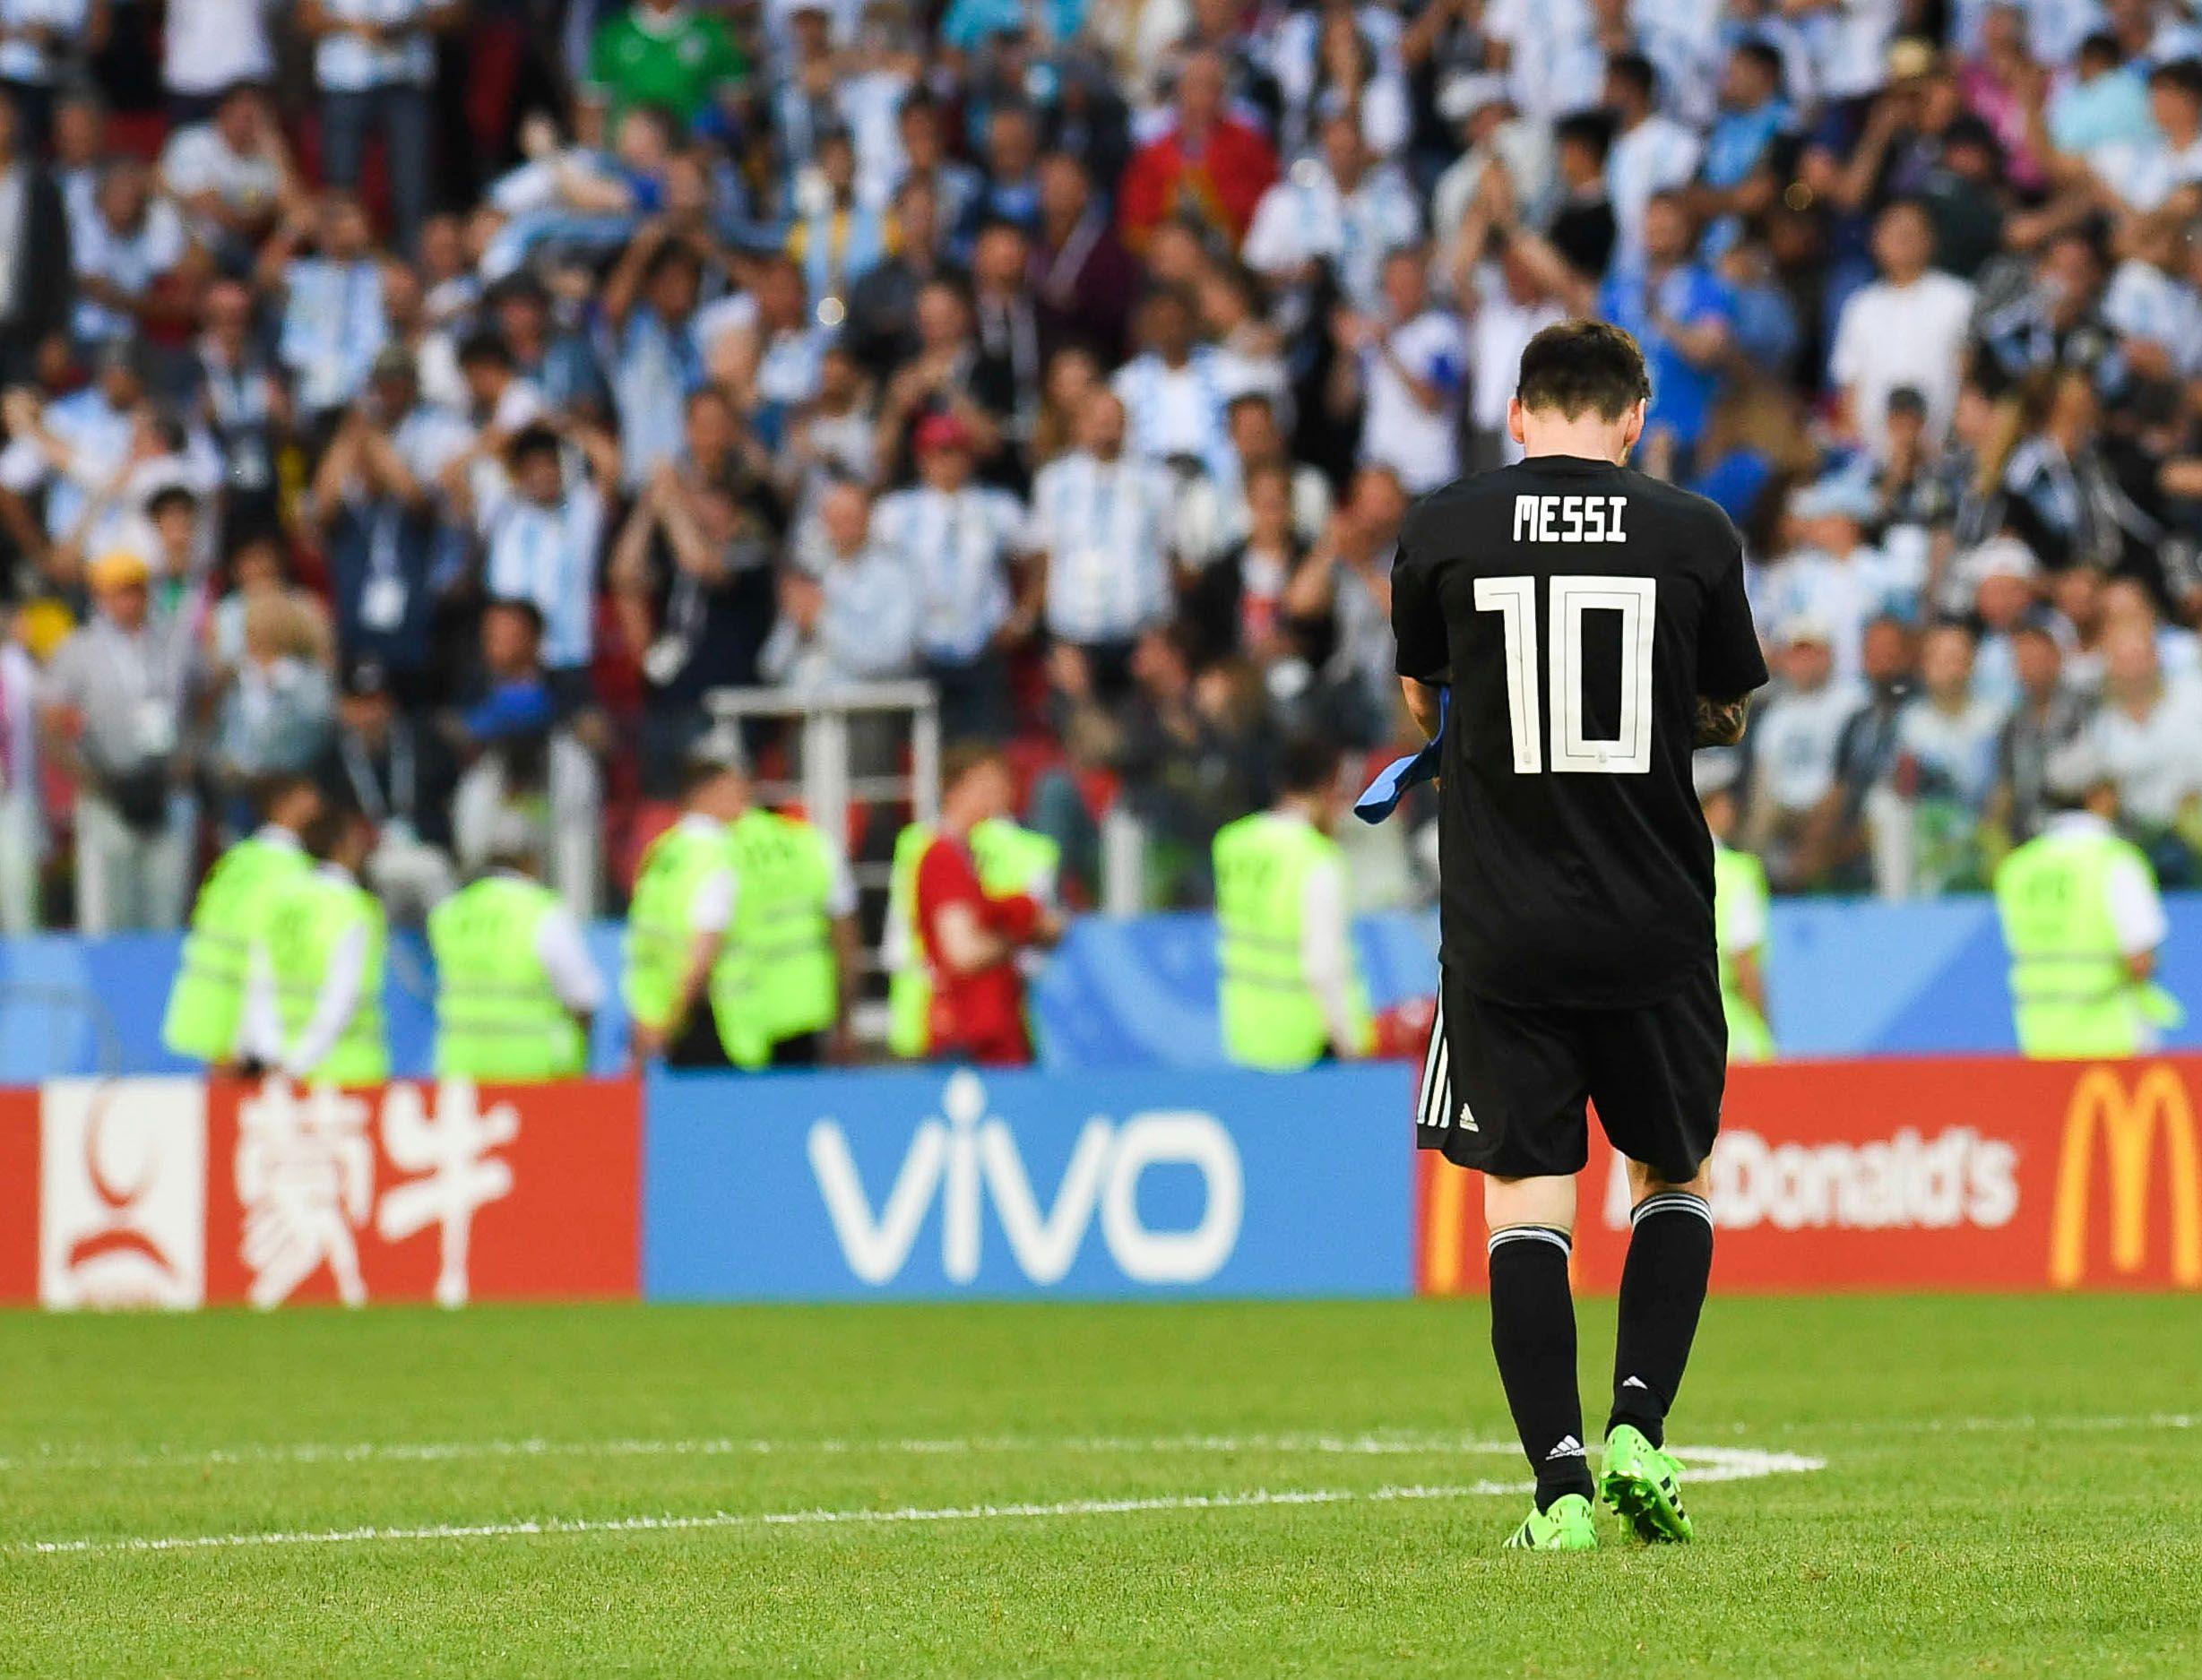 ¿Y ahora? Argentina tiene menos de 8% de chances de ganar el Mundial de Rusia